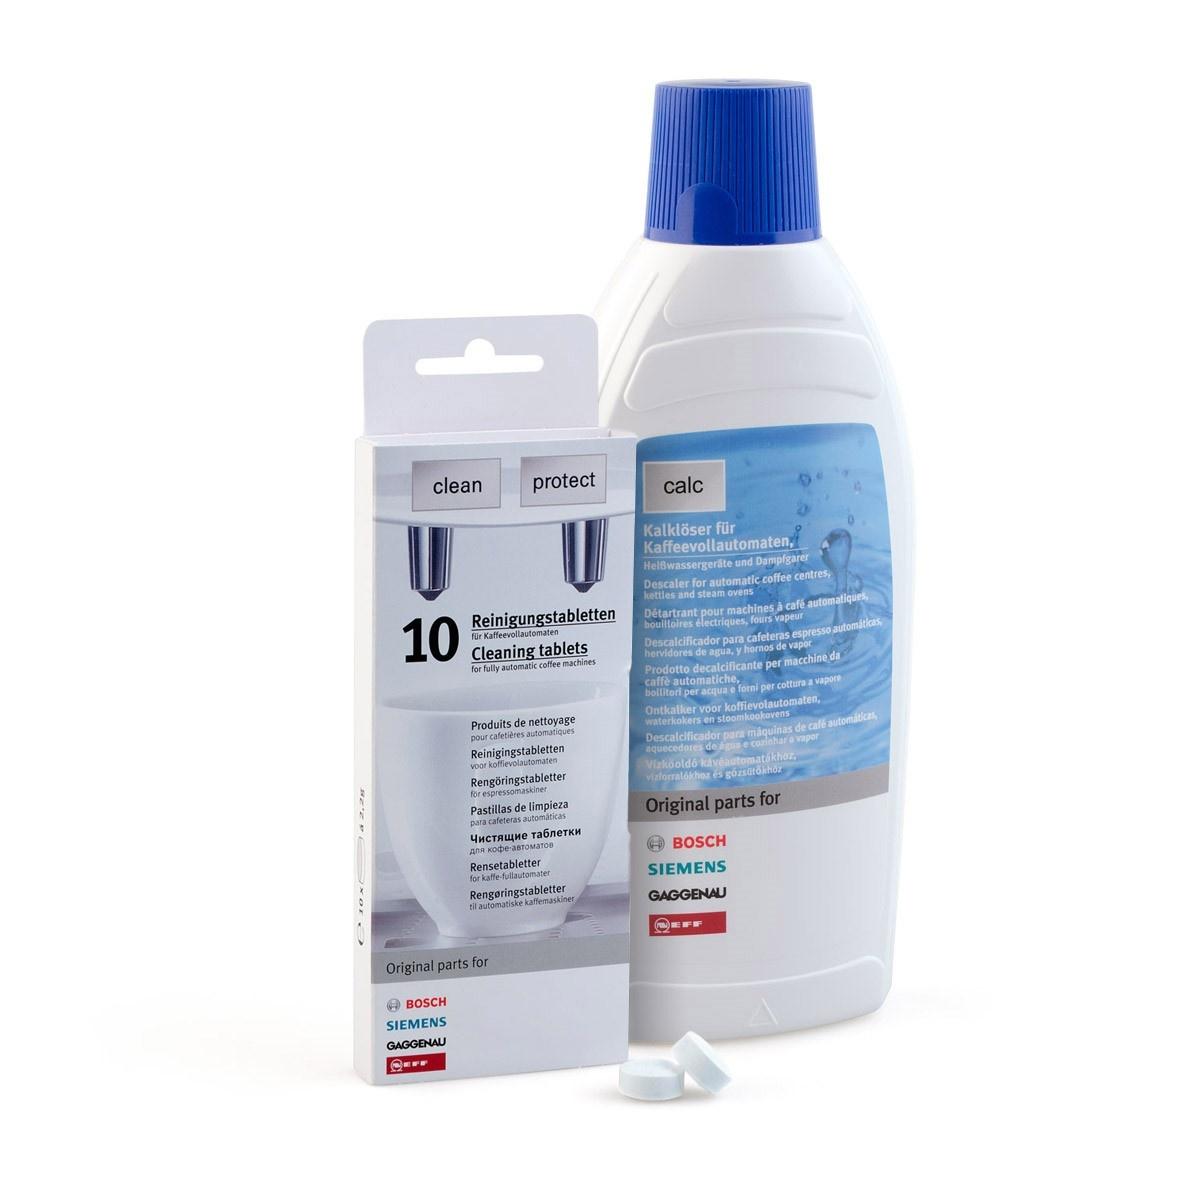 Bosch Reiniging- en ontkalkingset-1